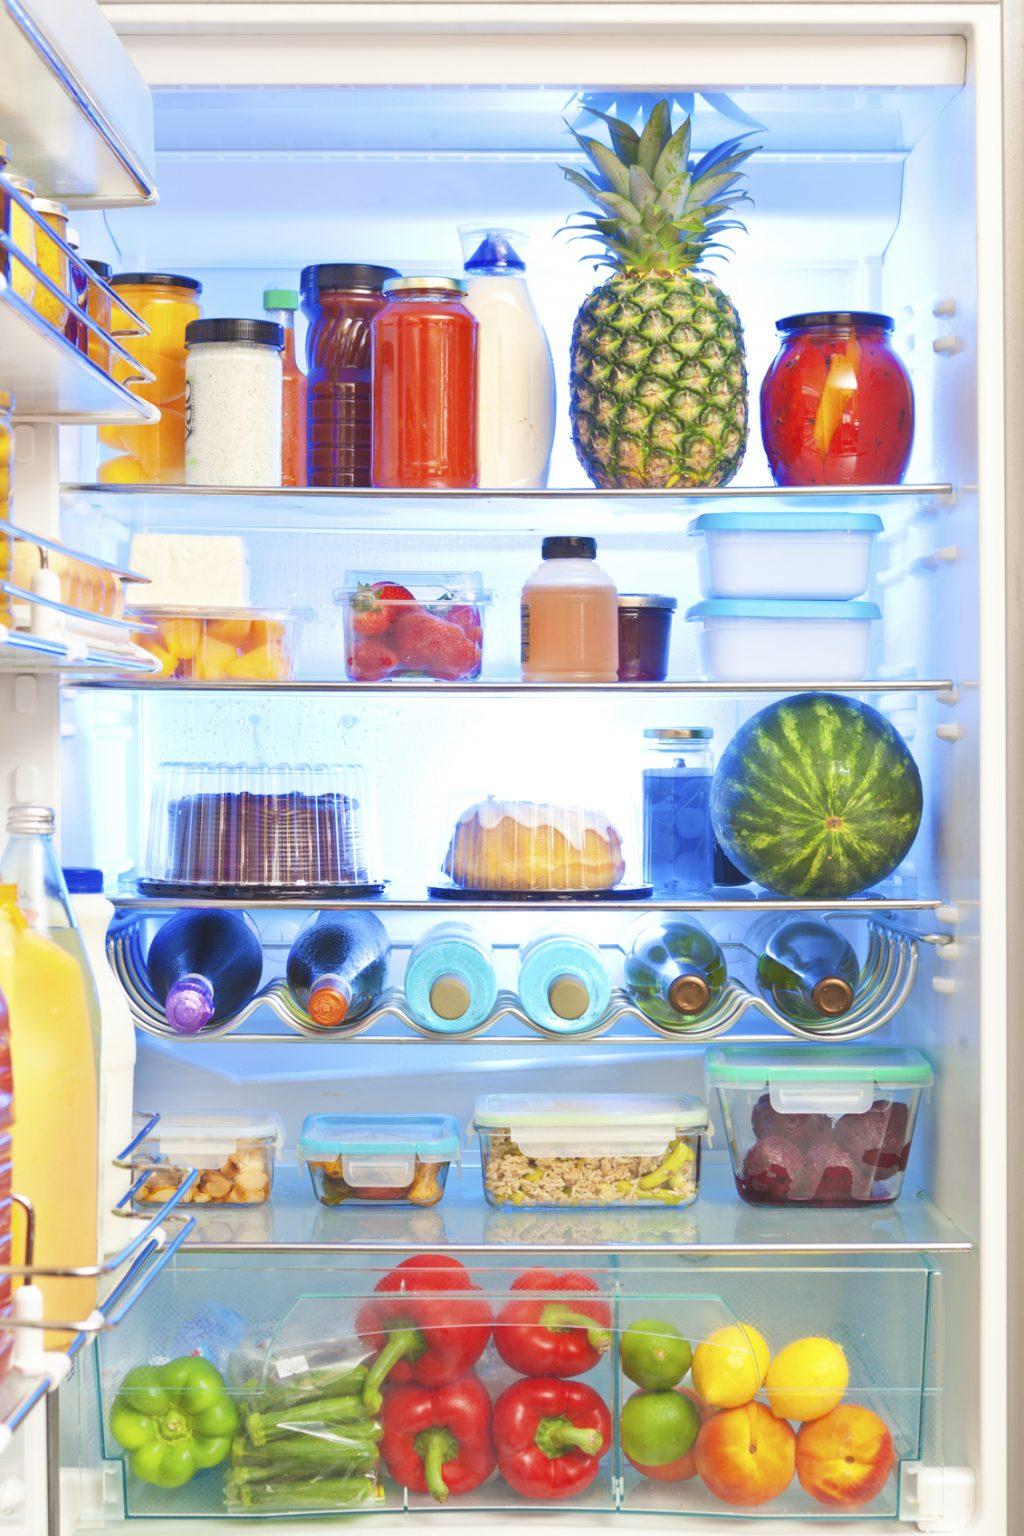 Conservazione dei cibi. Cosa tenere fuori dal frigo